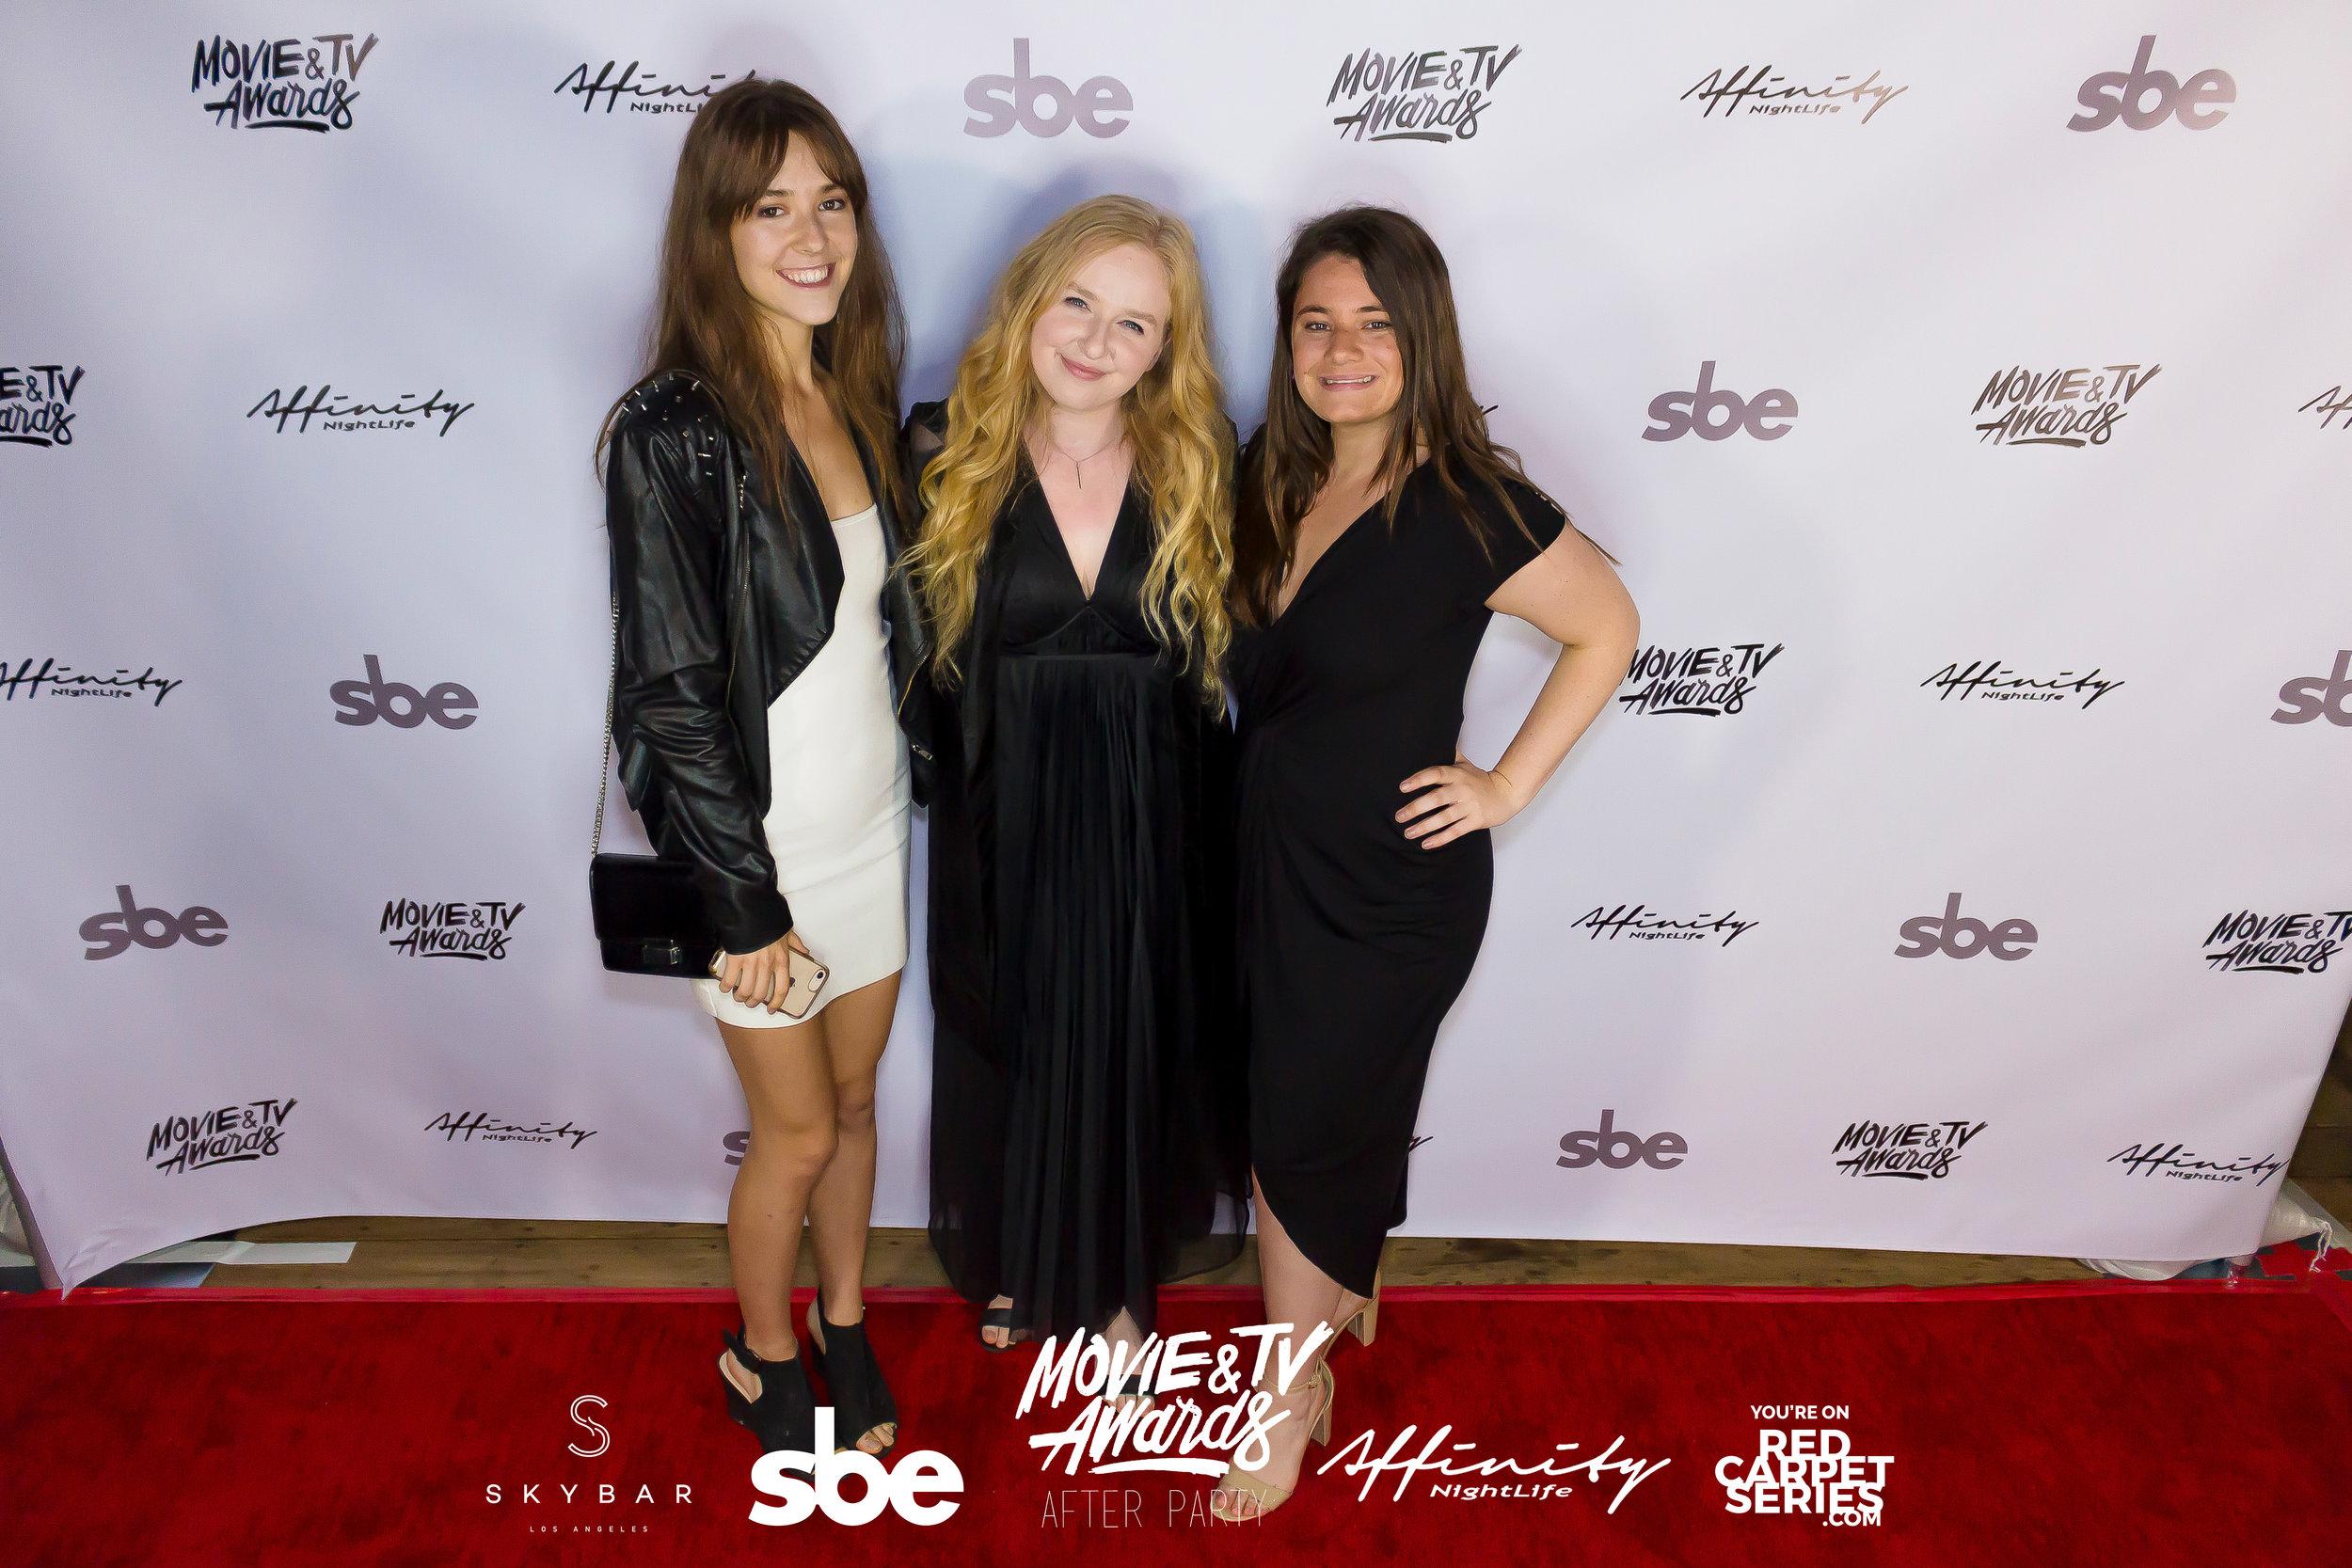 Affinity Nightlife MTV Movie & TV Awards After Party - Skybar at Mondrian - 06-15-19 - Vol. 2_68.jpg